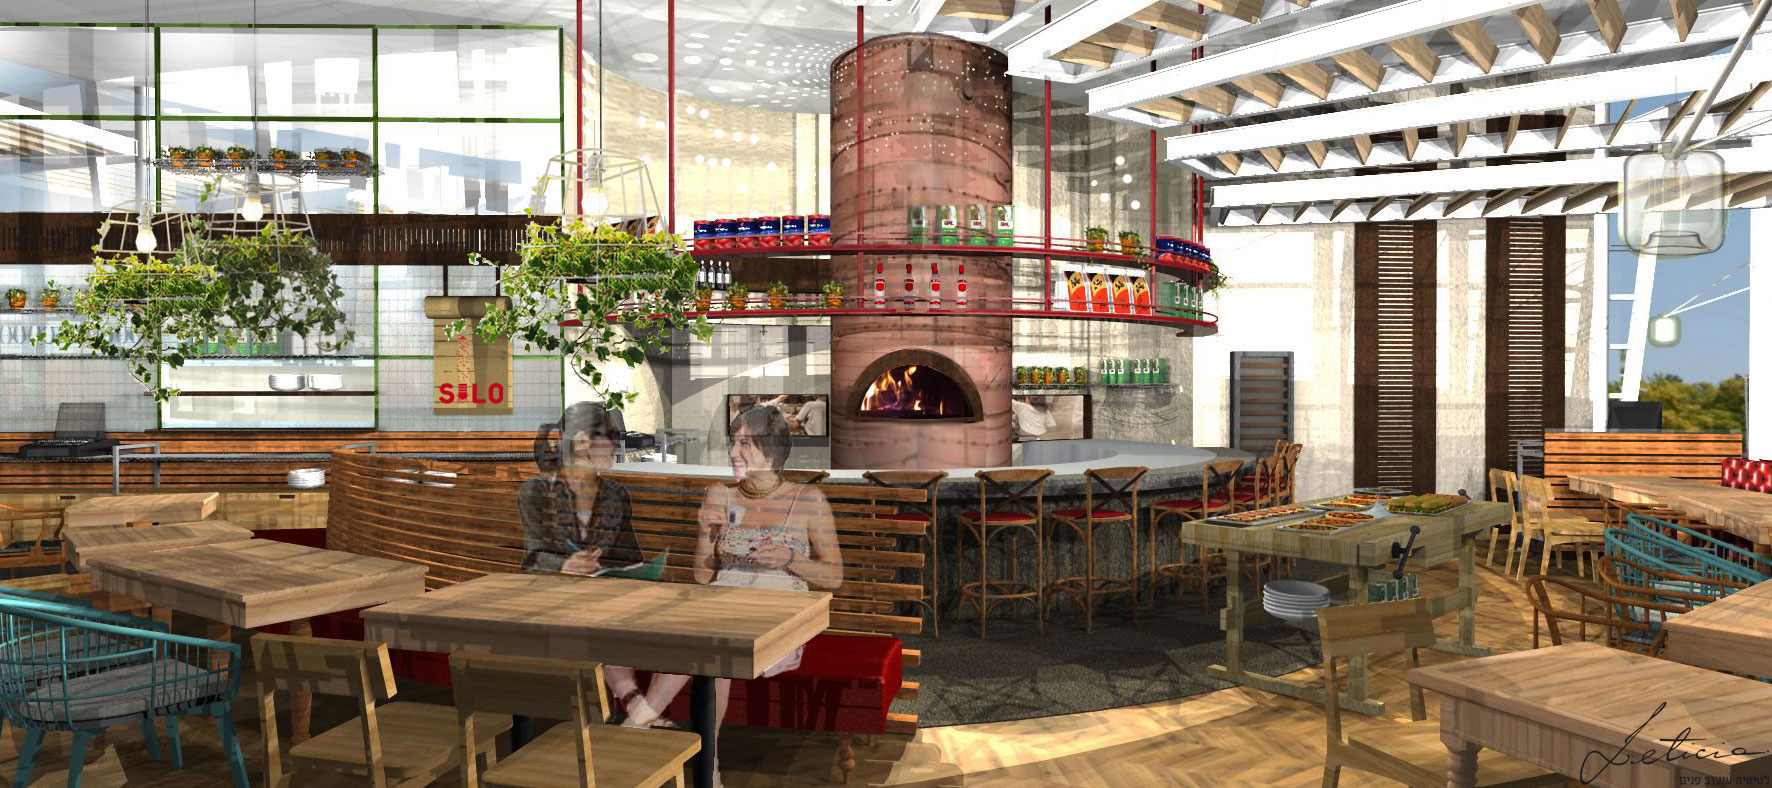 """הדמיית מסעדת סילו בחולון. צילום: יח""""צ"""